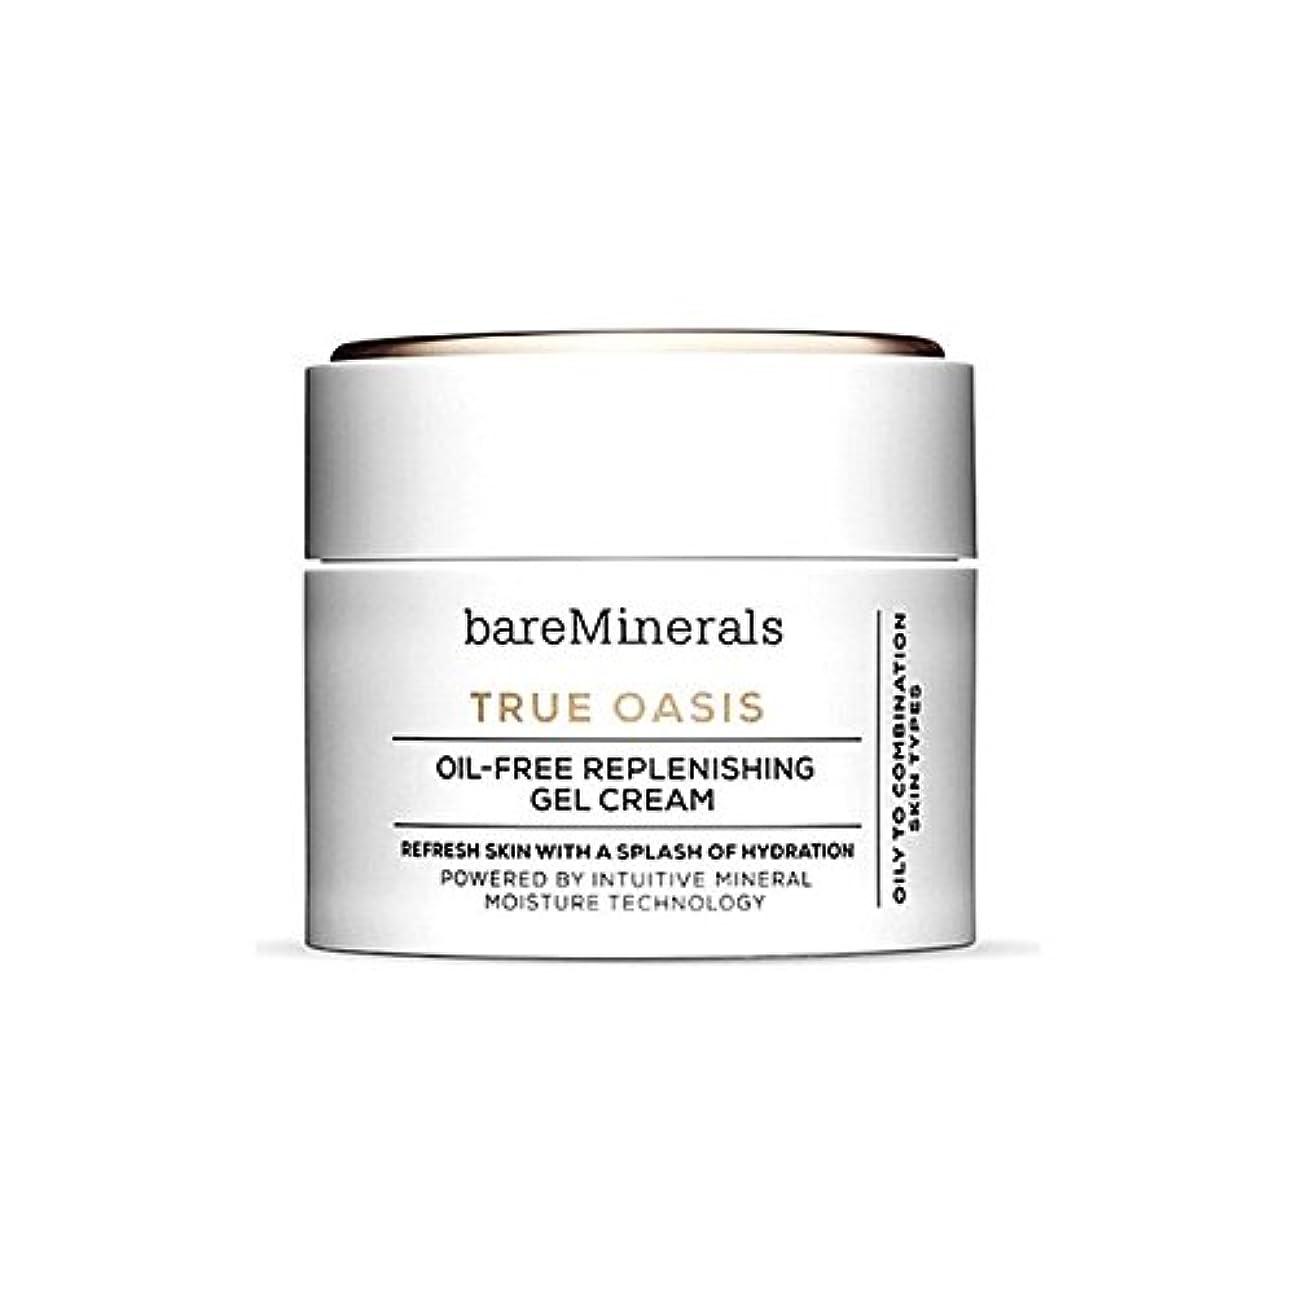 仕事ちっちゃい二週間Bare Minerals True Oasis Oil-Free Replenishing Gel Cream 50Ml (Pack of 6) - ベアミネラル真のオアシスオイルフリー補給ゲルクリーム50 x6 [並行輸入品]